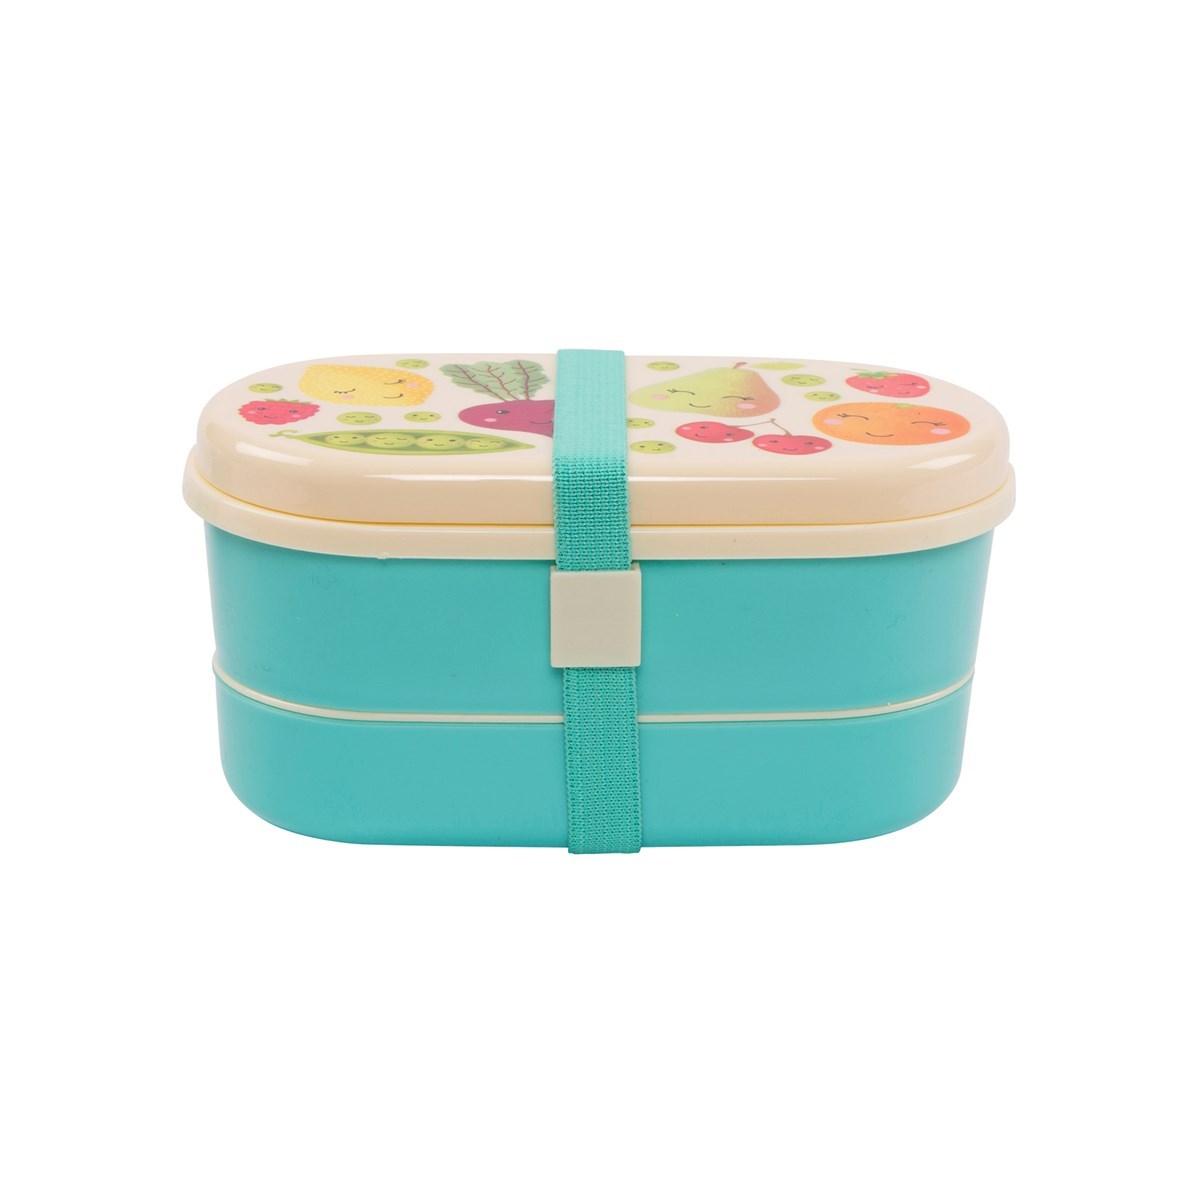 Box na svačinu/oběd HAPPY FRUIT & VEG_1